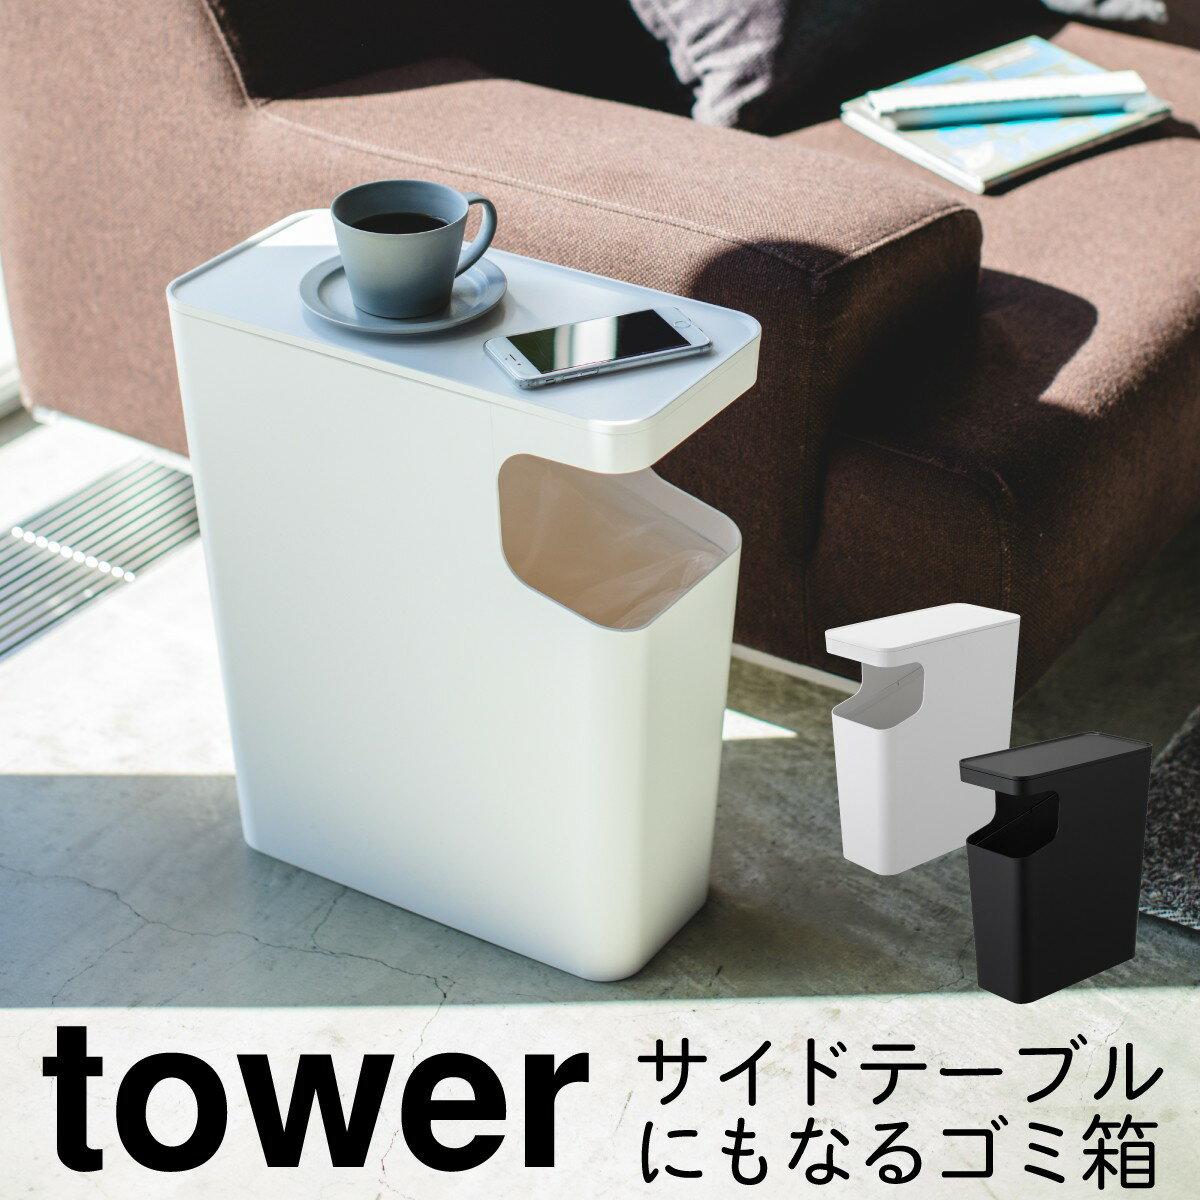 ゴミ箱 20L ごみ箱 おしゃれ ダストボックス&サイドテーブル タワー ブラック ホワイト シンプル 白い 黒 tower